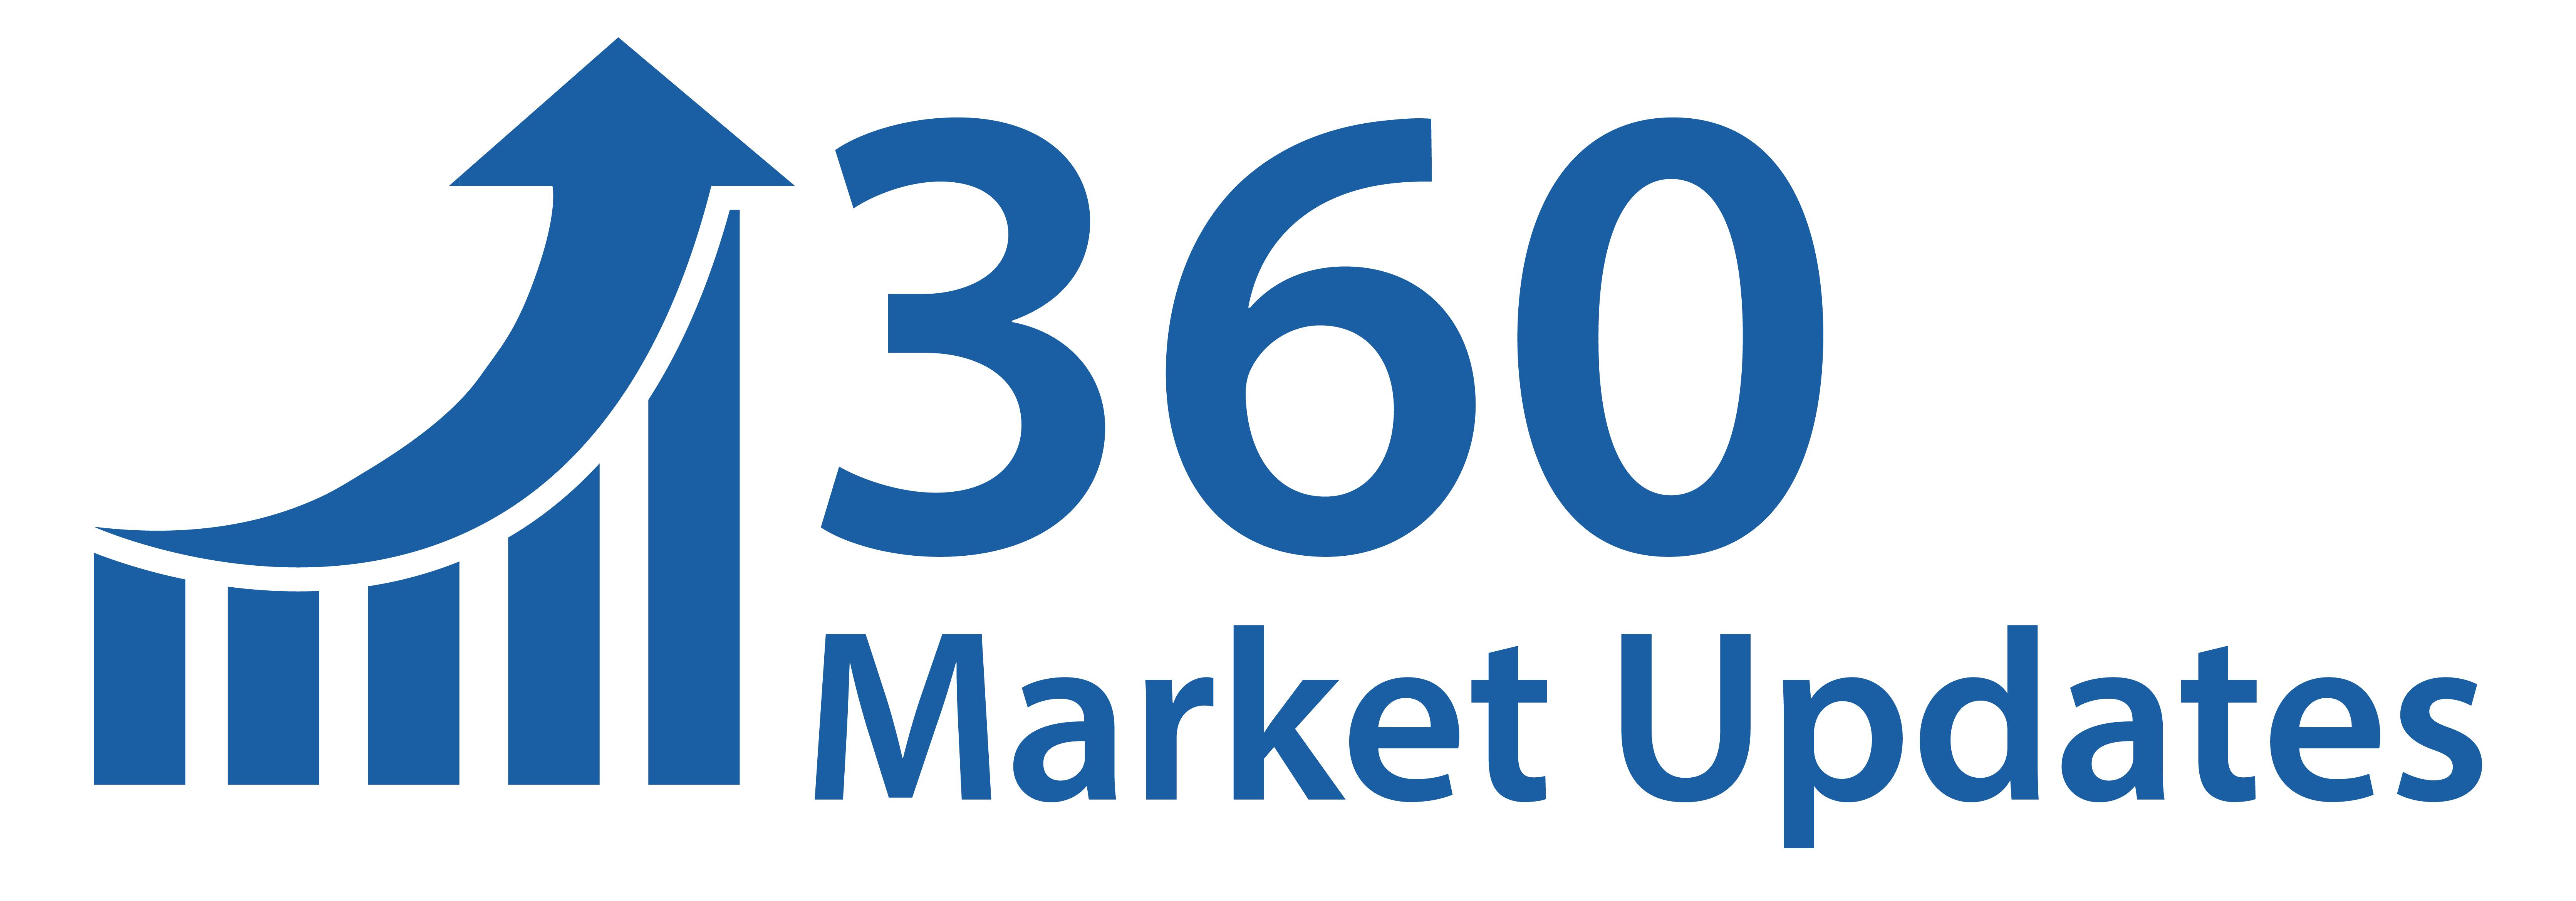 Marché des logiciels de gestion de campagne 2020 - Demande de l'industrie, partage, taille, plans de tendances futures, opportunités de croissance, acteurs clés, application, demande, rapport de recherche de l'industrie par prévisions régionales jusqu'en 2024